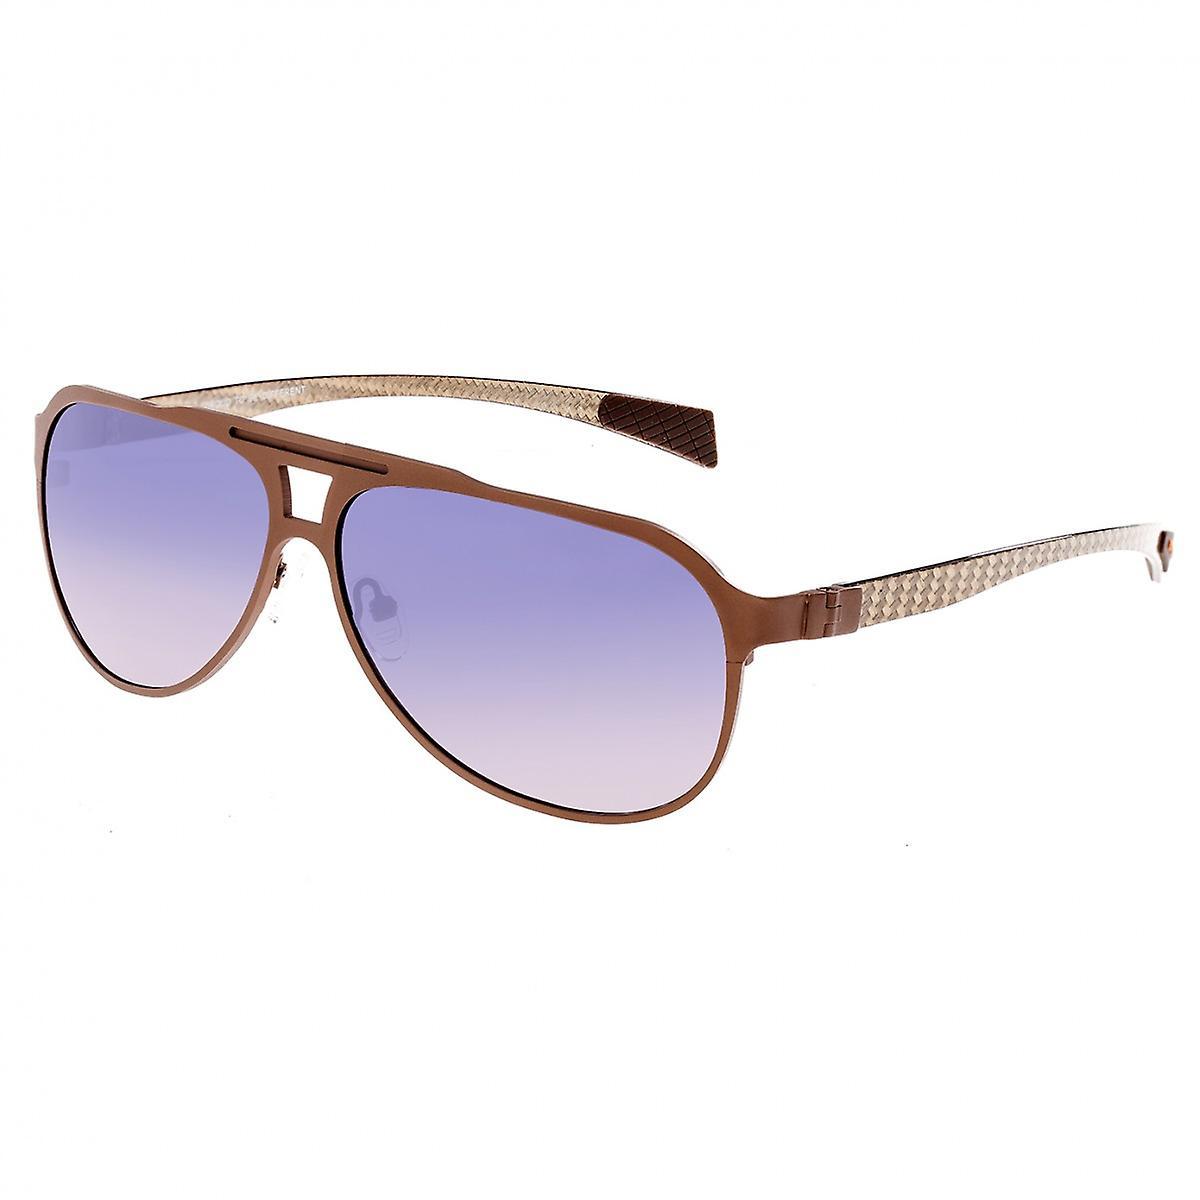 Race Apollo titane et fibre de voiturebone Polarized lunettes de soleil - bleue violette